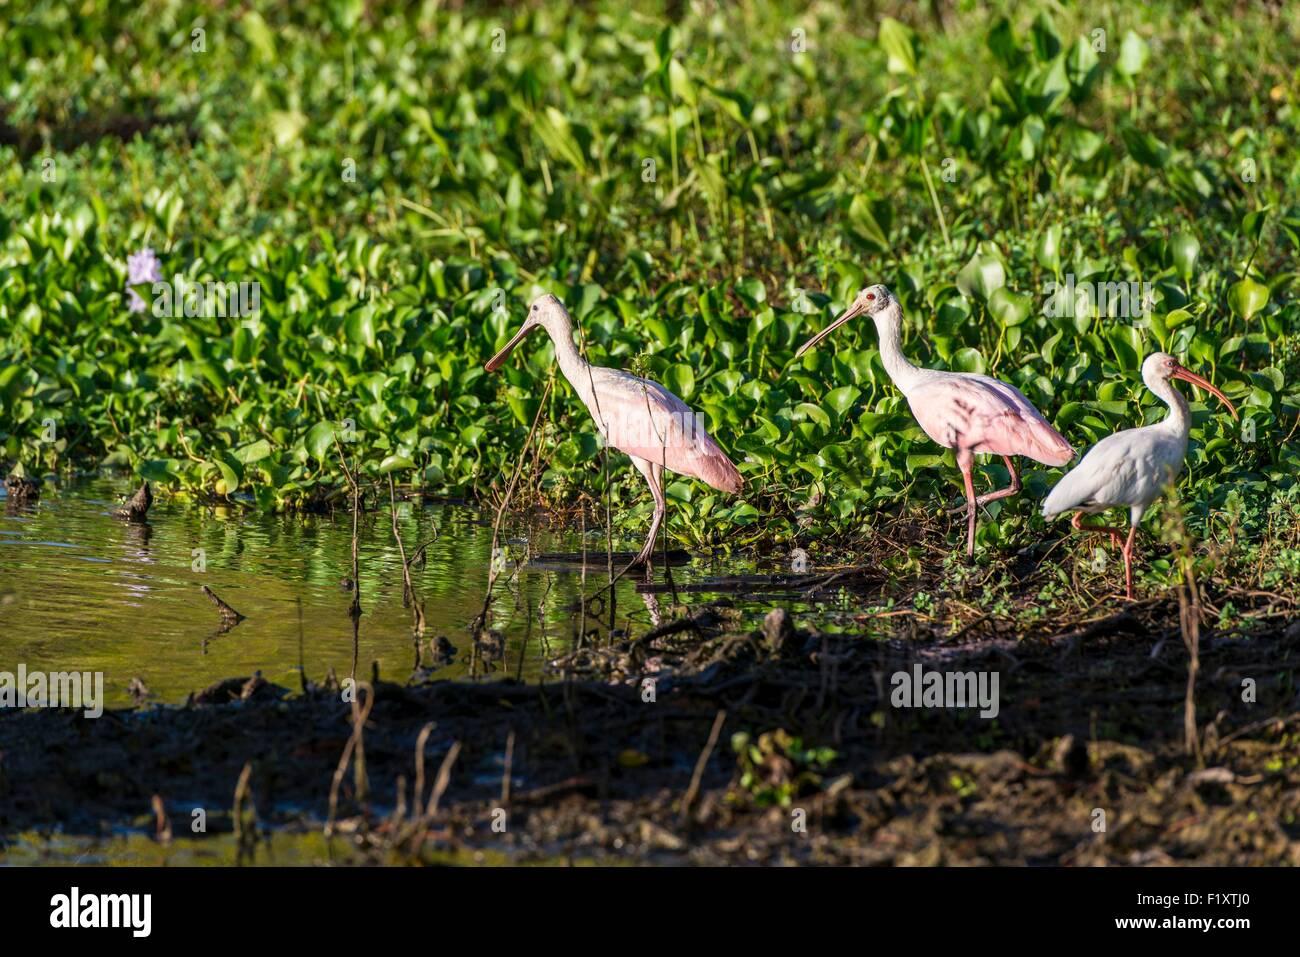 United States, Louisiana, pink spatula (platalea ajaja) in the Lake Fausse Pointe Bayou - Stock Image